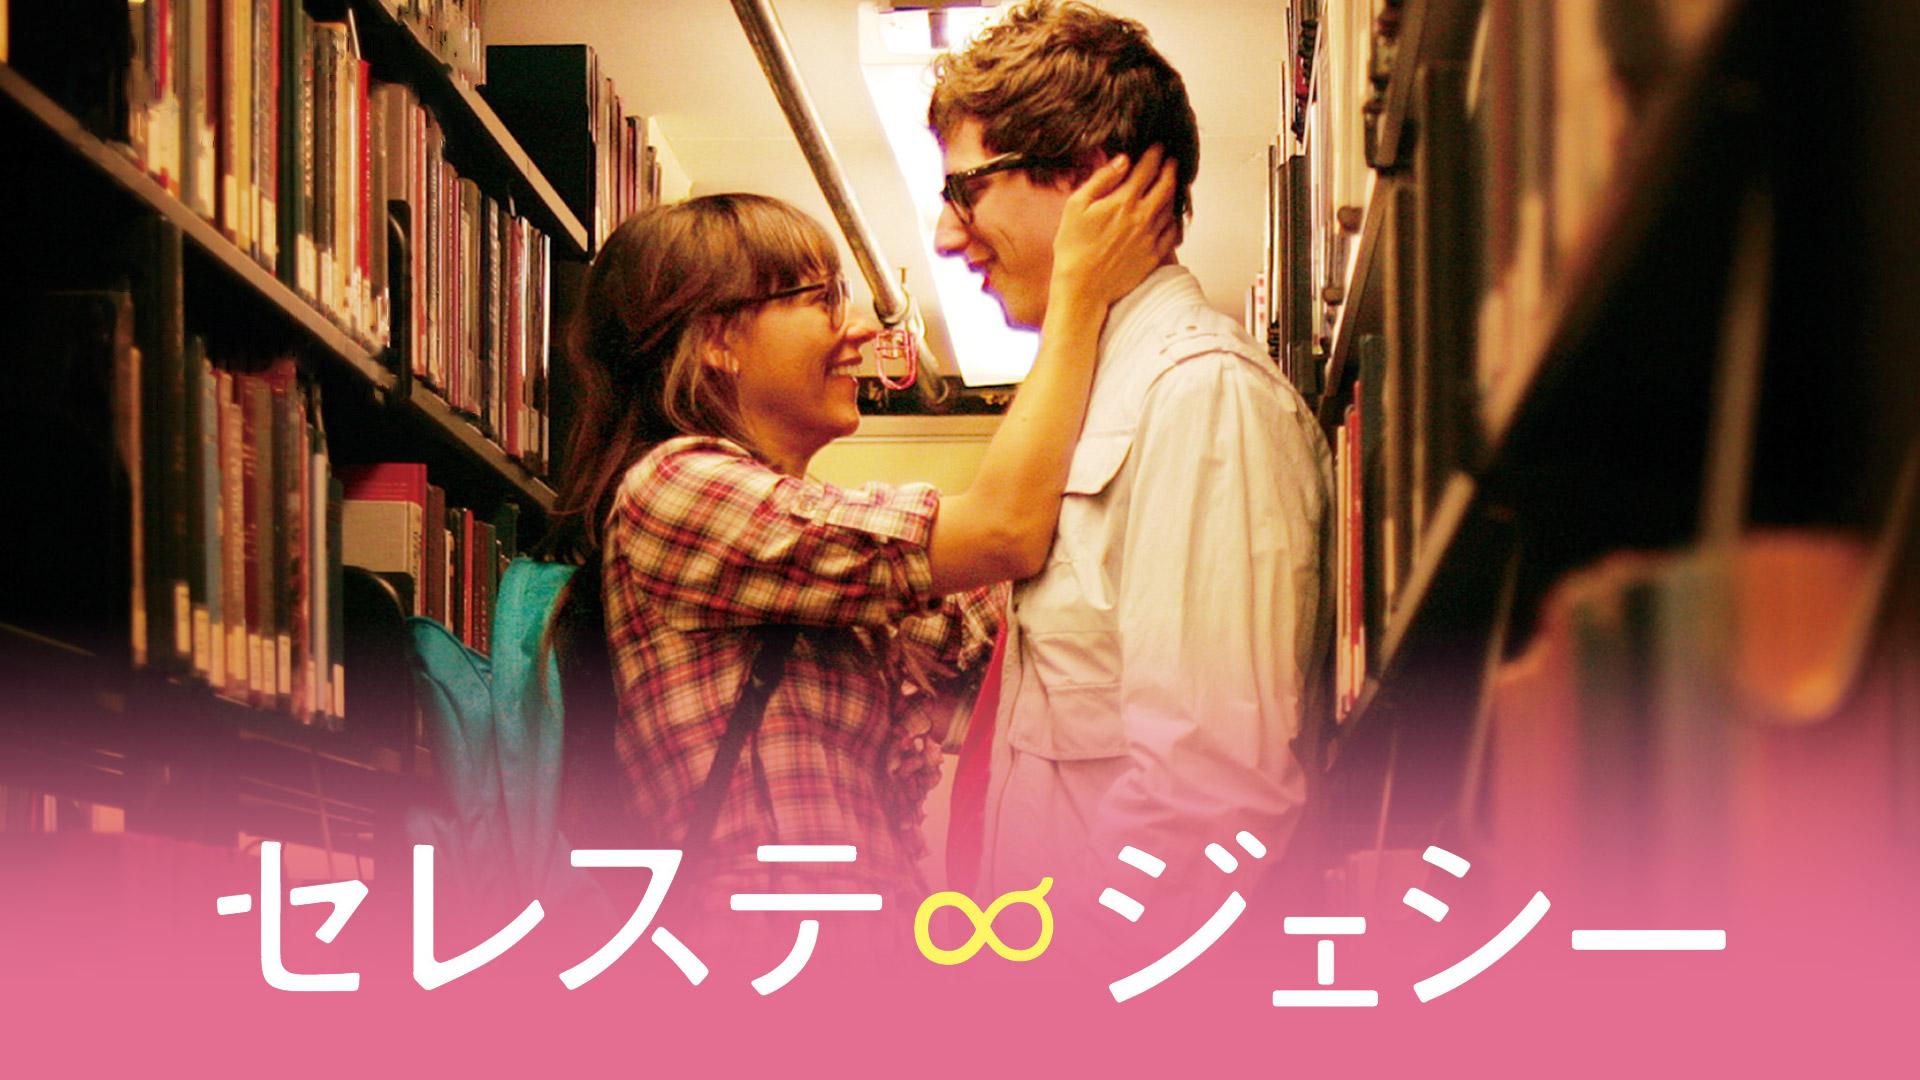 セレステ&ジェシー(字幕版)